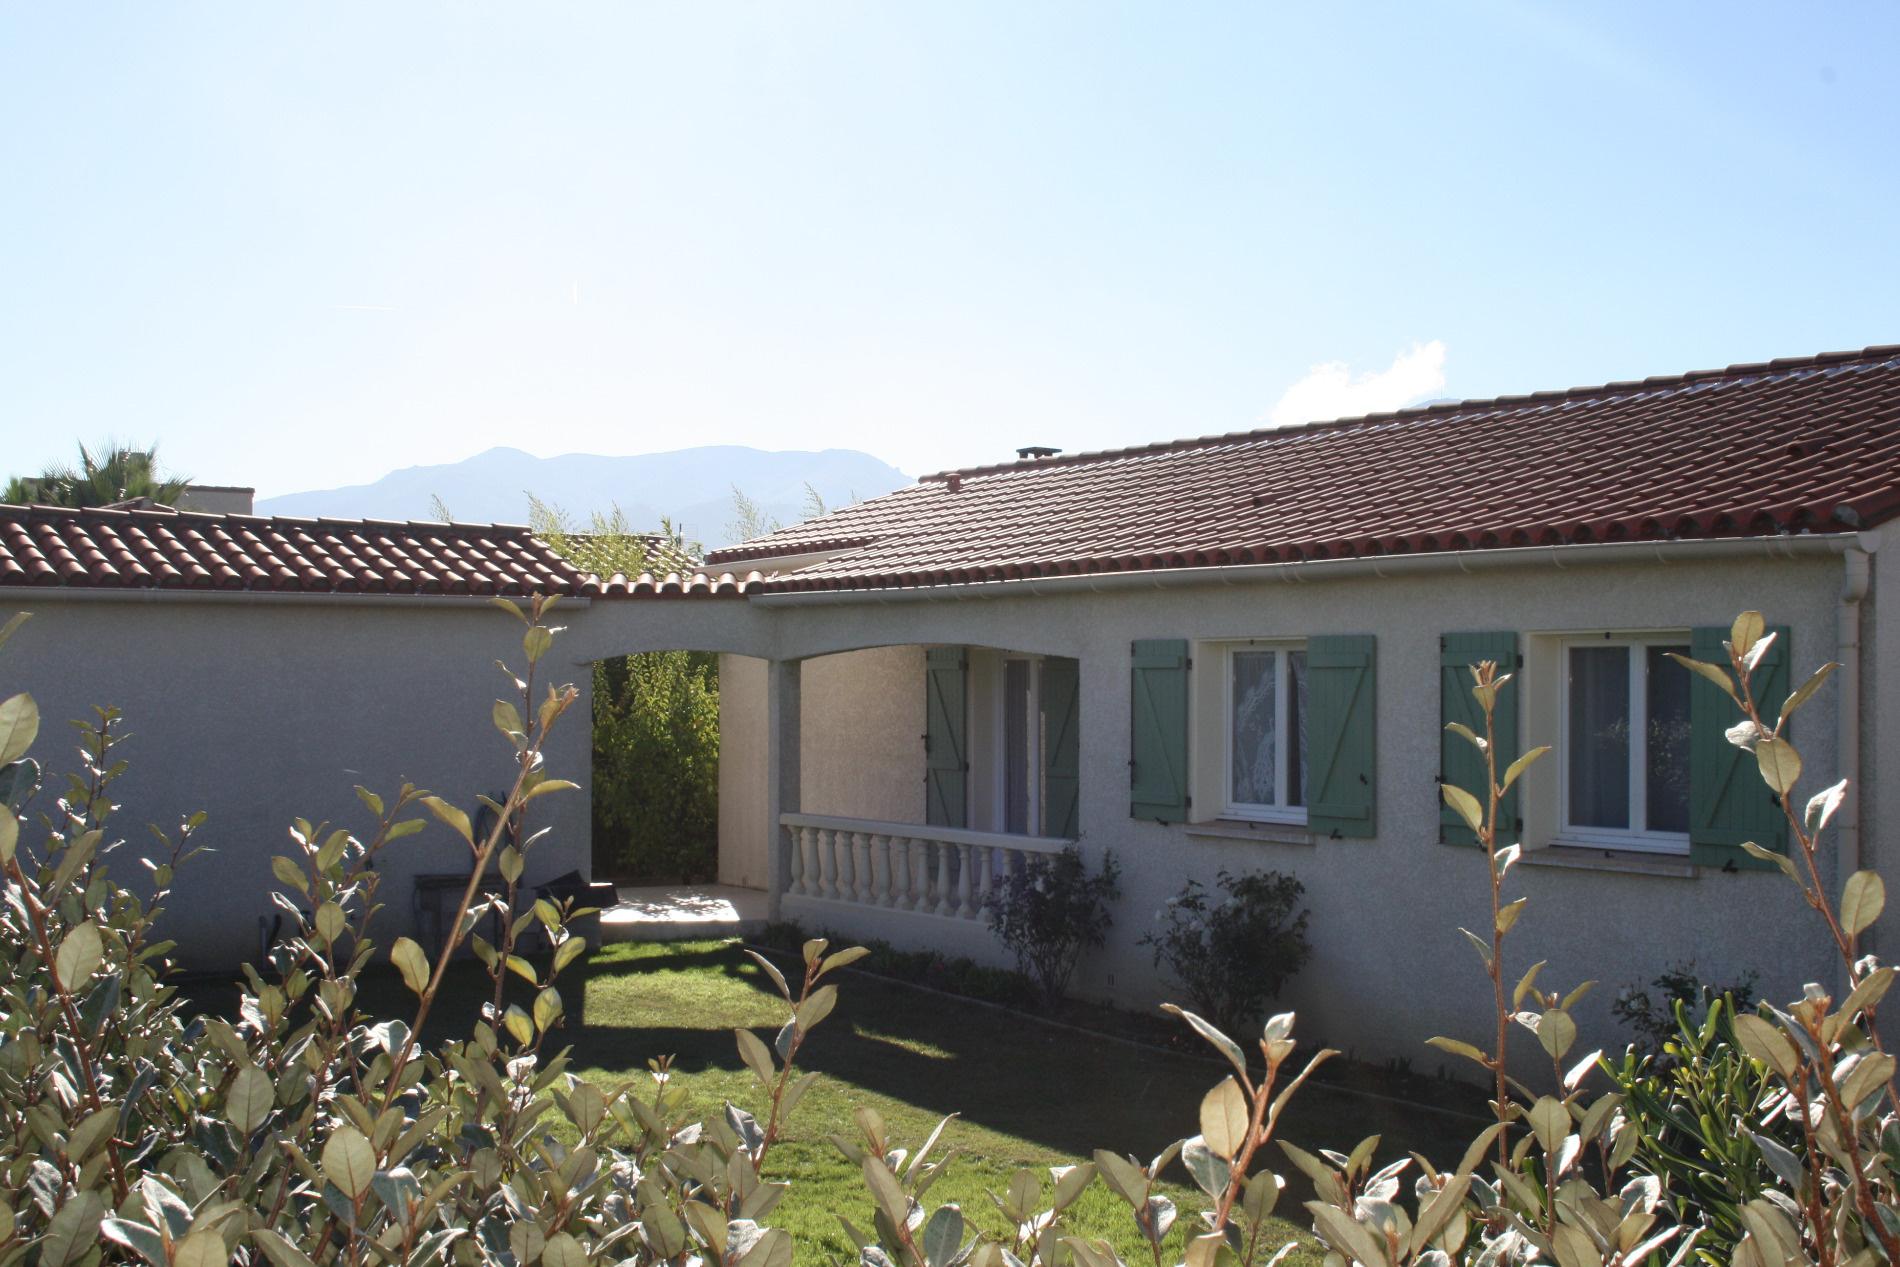 Achat immobilier dans les alb res appartement maison for Achat maison 3f